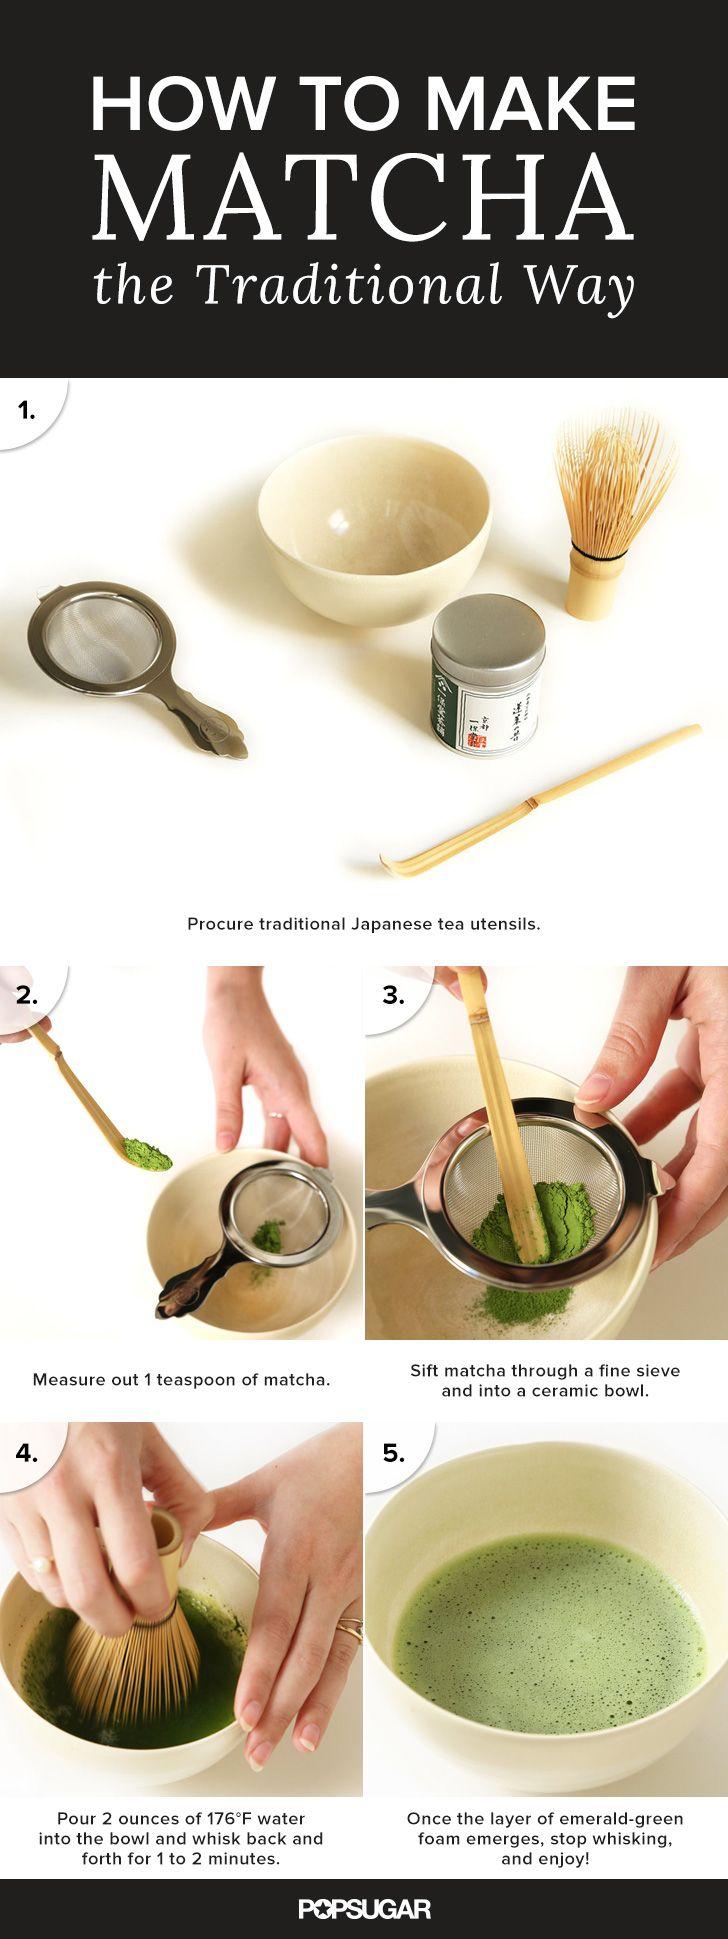 make matcha